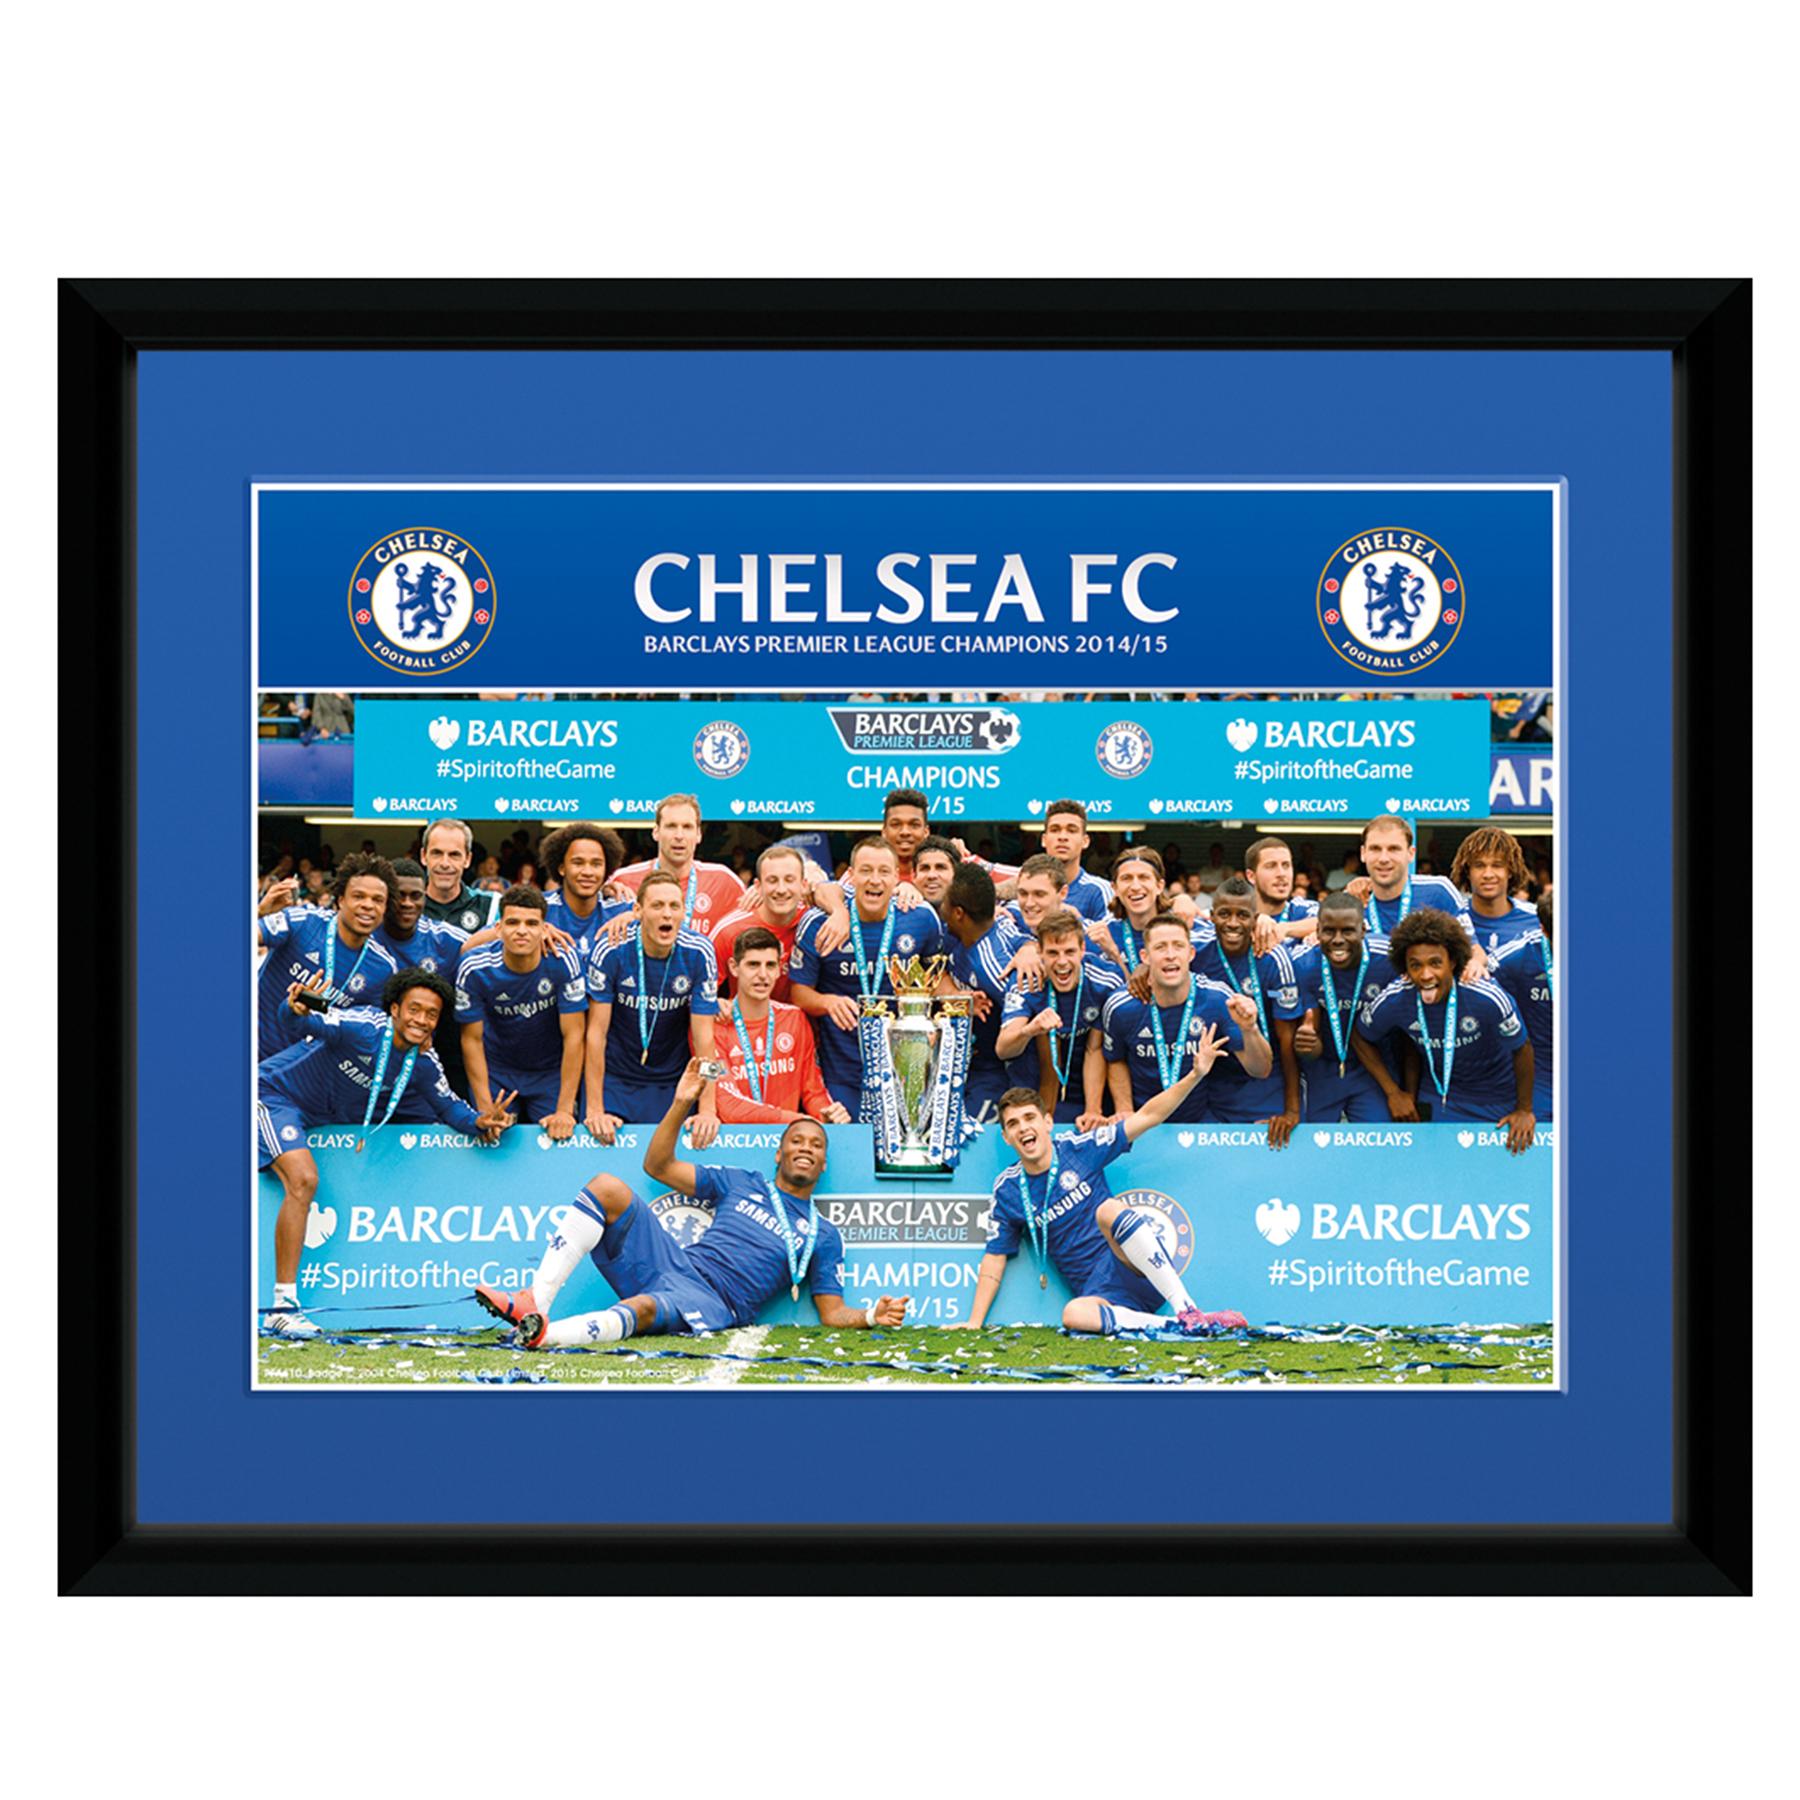 Chelsea 2014/15 Premier League Winners Celebration Framed Print - 8 x